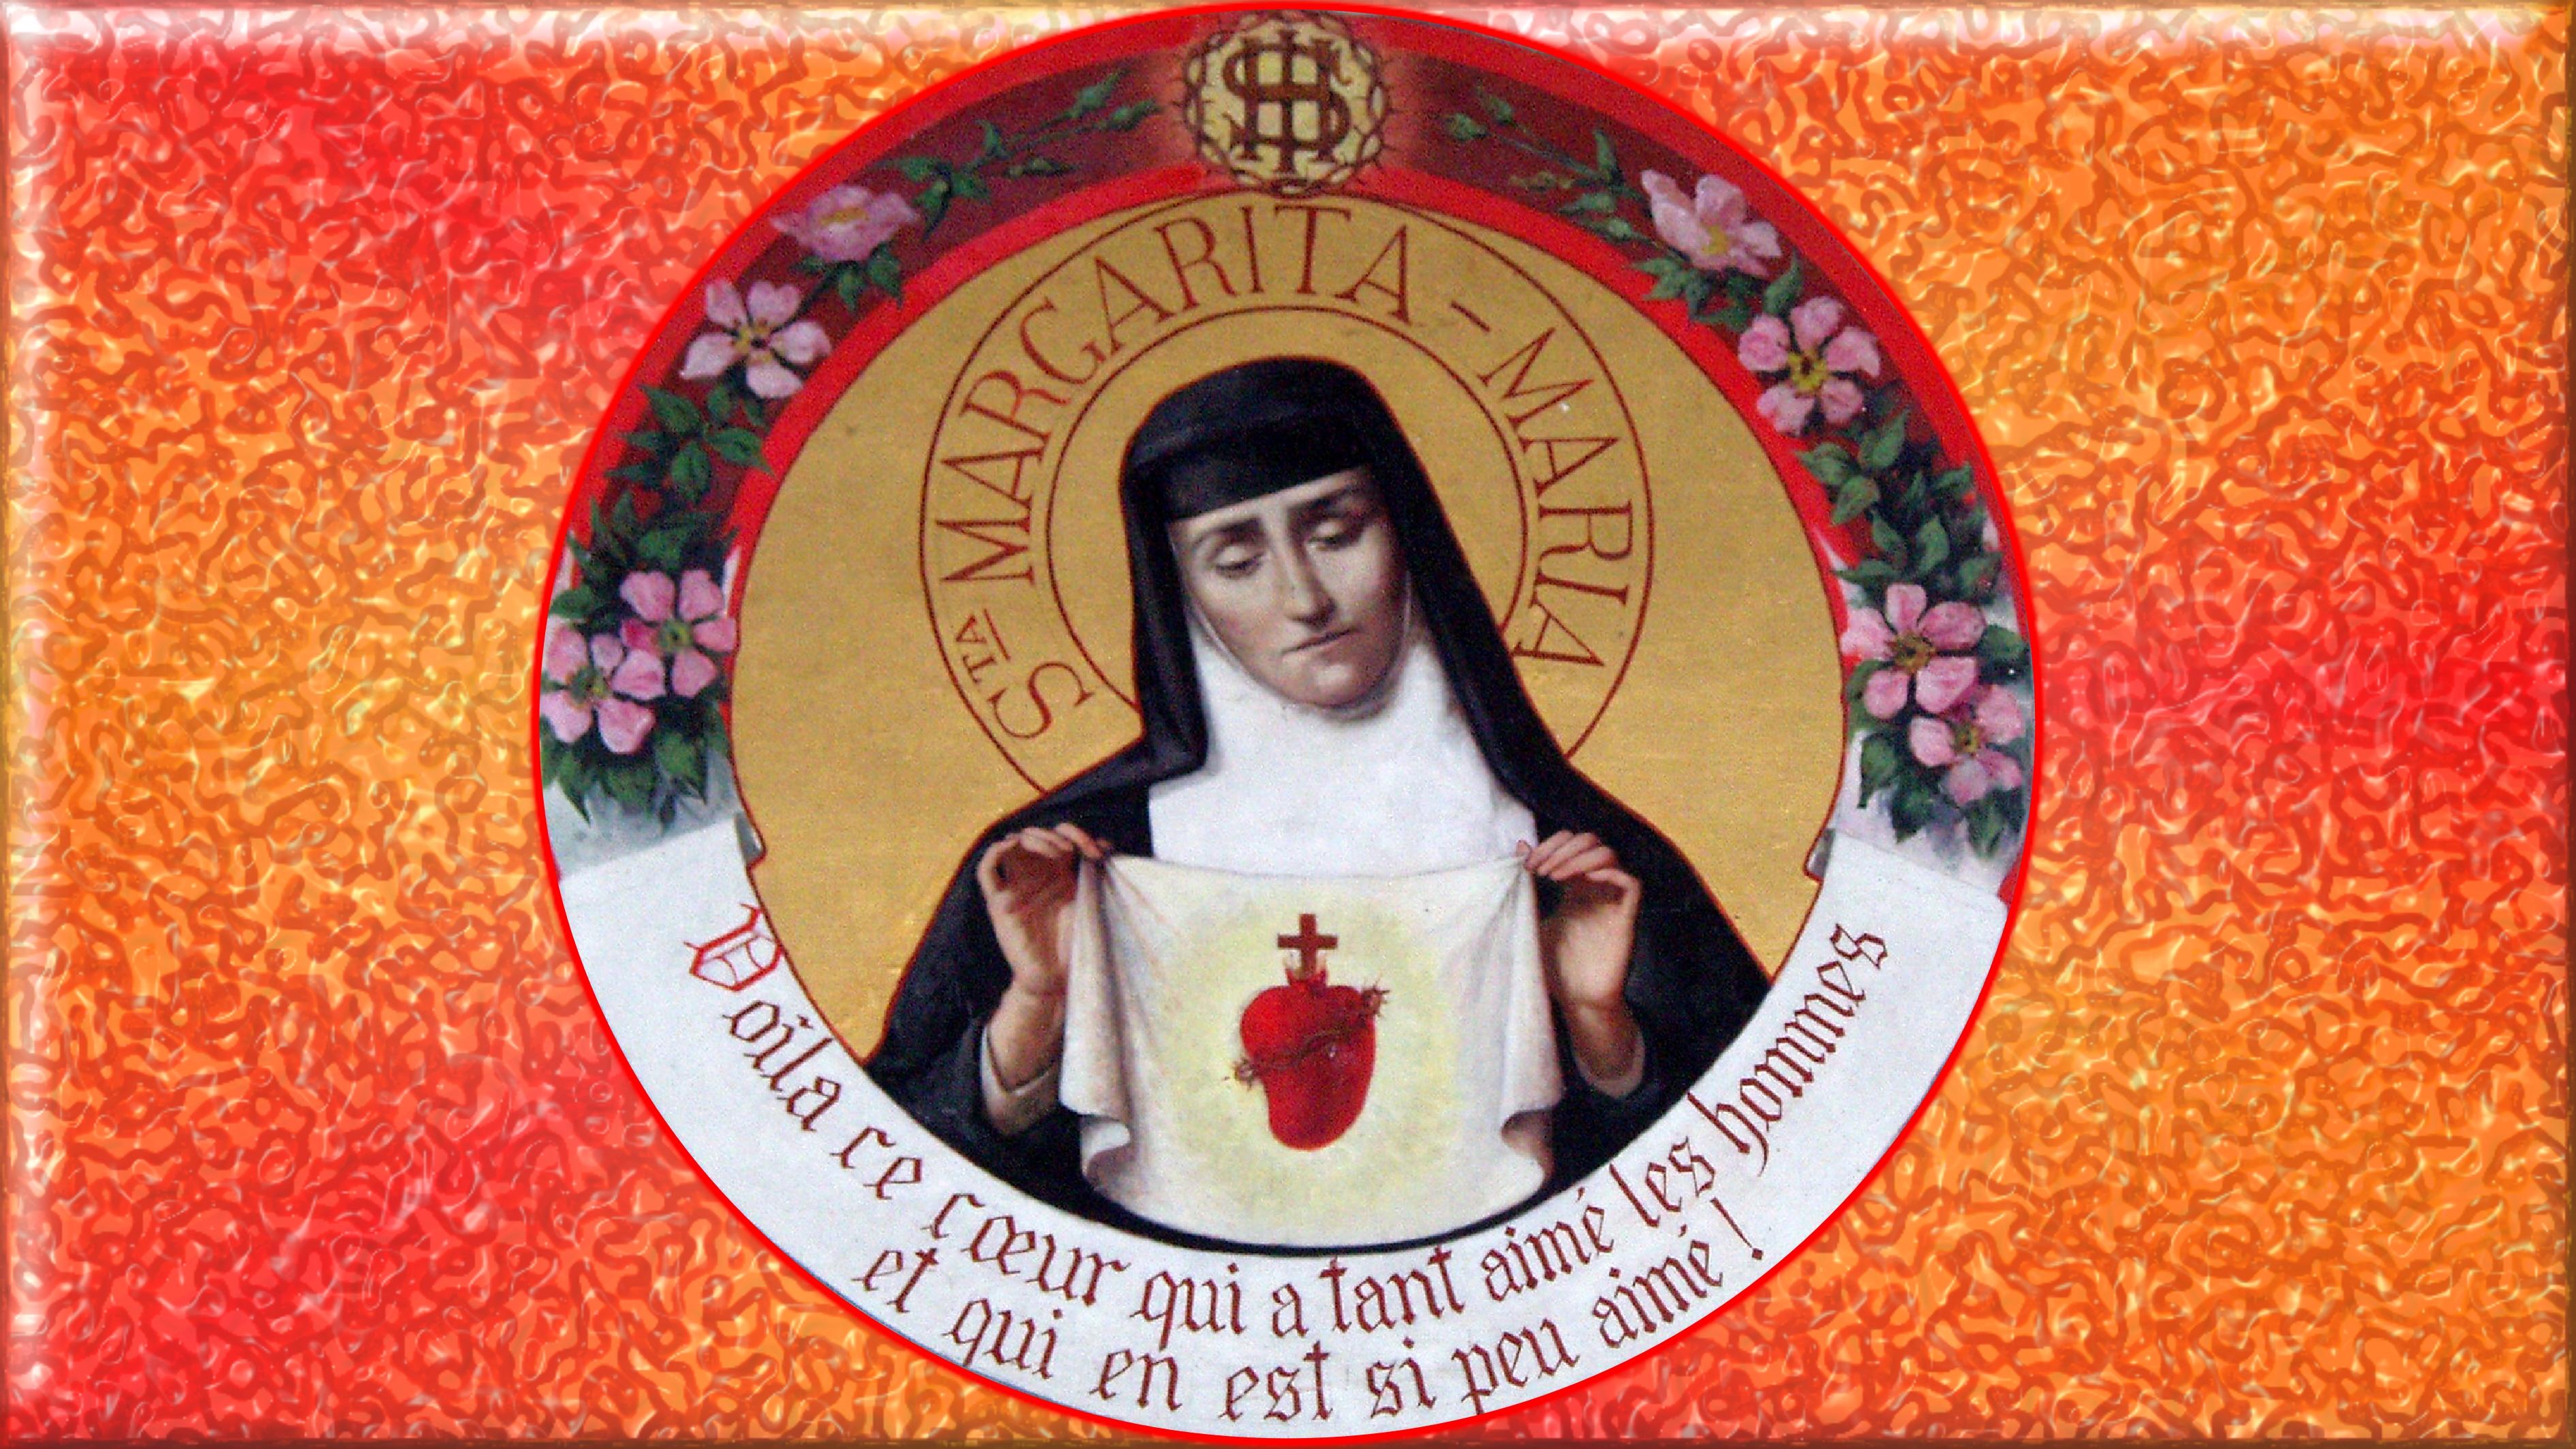 CALENDRIER CATHOLIQUE 2020 (Cantiques, Prières & Images) - Page 19 Ste-marguerite-ma...peu-aim--5786839